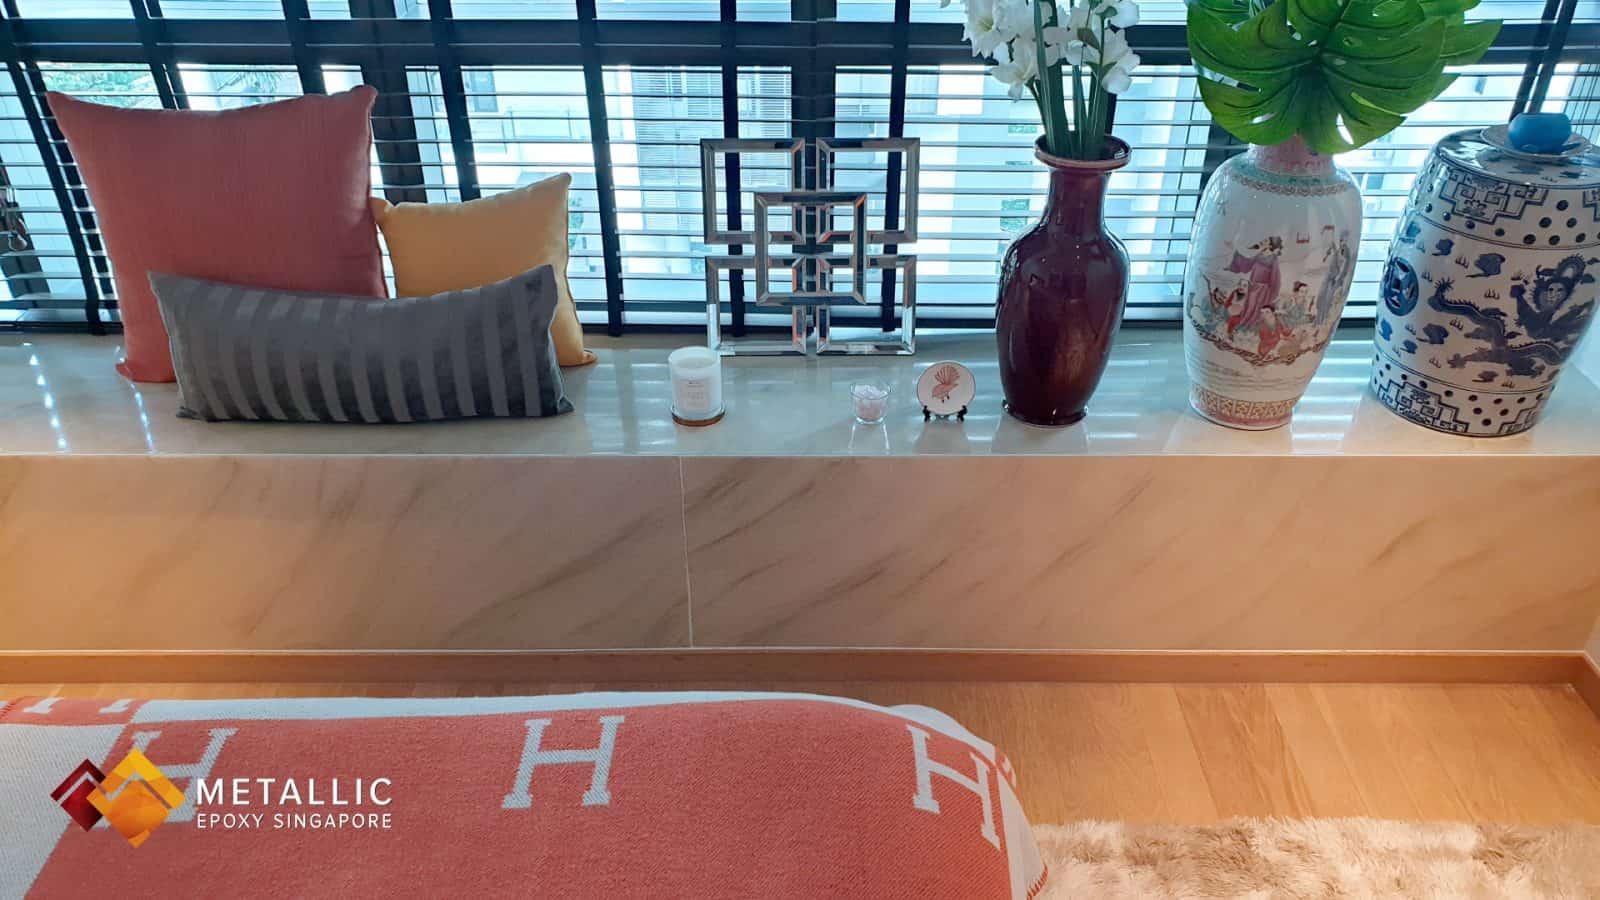 Metallic Epoxy Singapore Khaki Marble Highlights Countertop